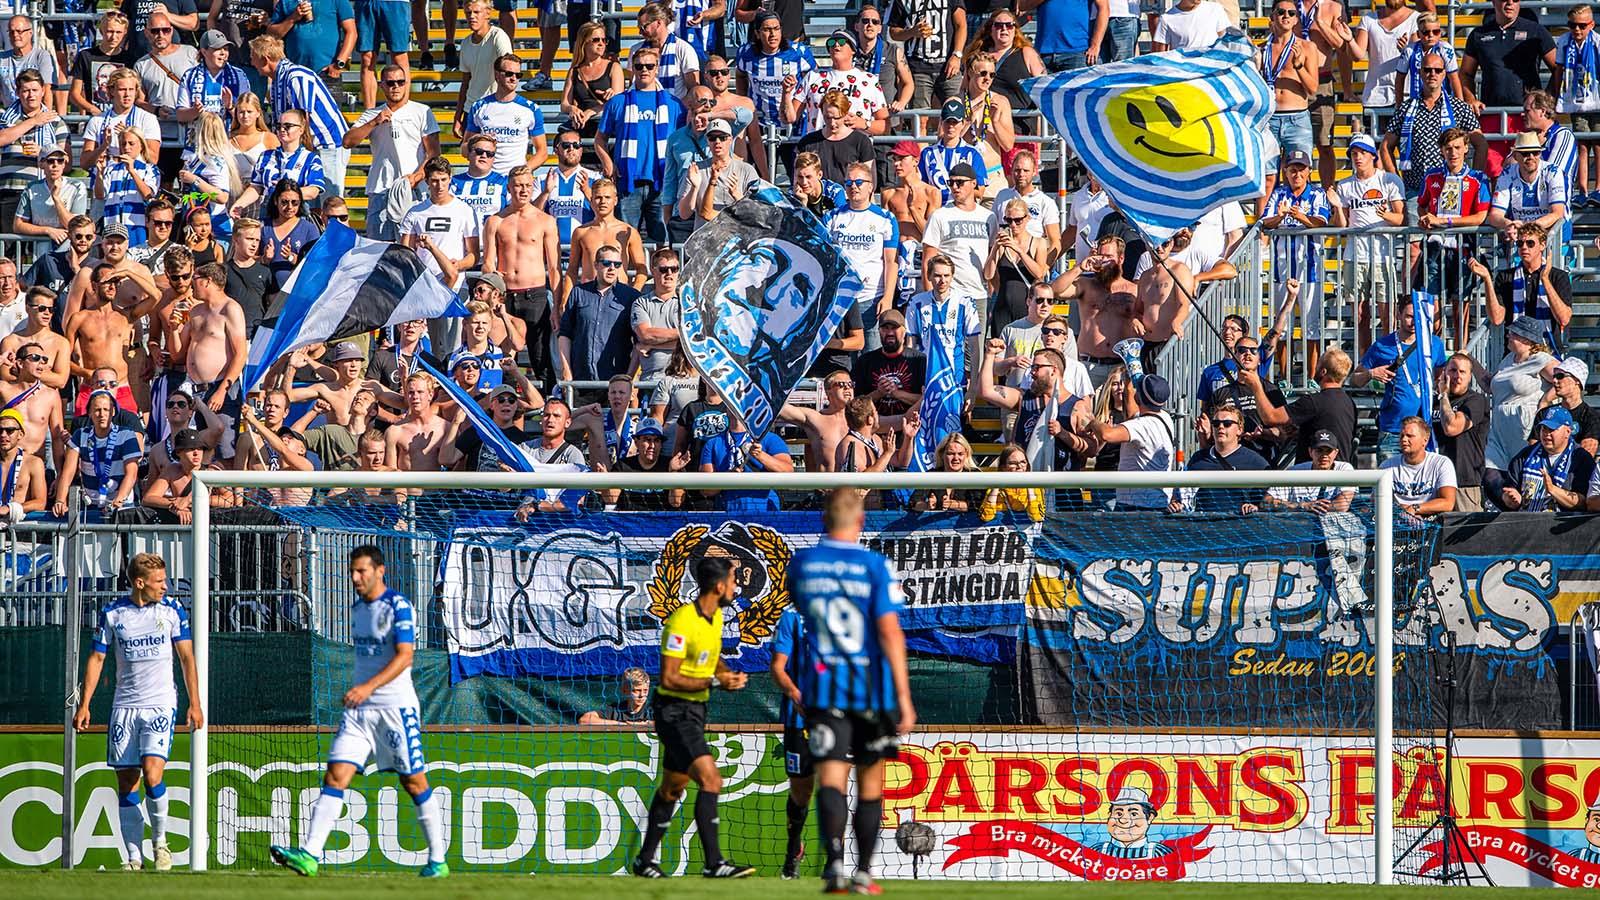 180722 IFK Göteborgs supportar under fotbollsmatchen i Allsvenskan mellan Sirius och IFK Göteborg den 22 juli 2018 i Uppsala. Foto: Jonathan Näckstrand / BILDBYRÅN / Cop 94